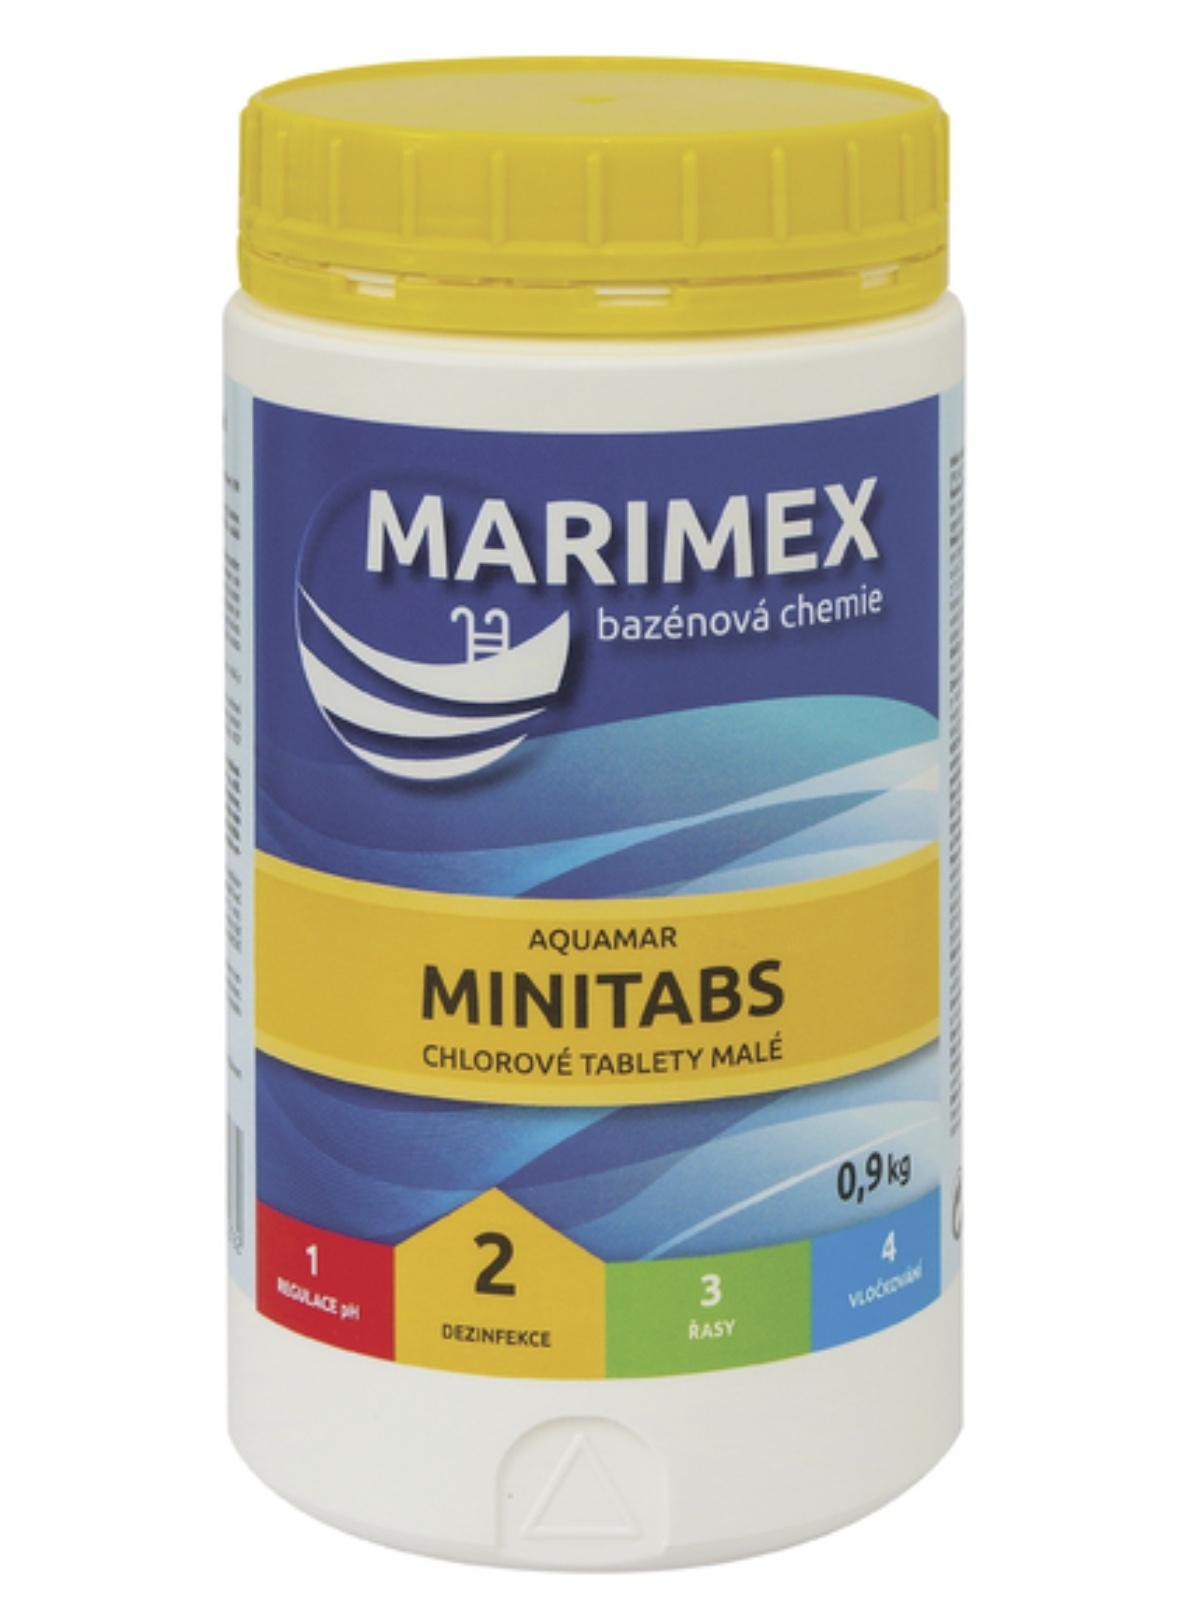 MARIMEX 11301103 Aquamar Minitablety 900g